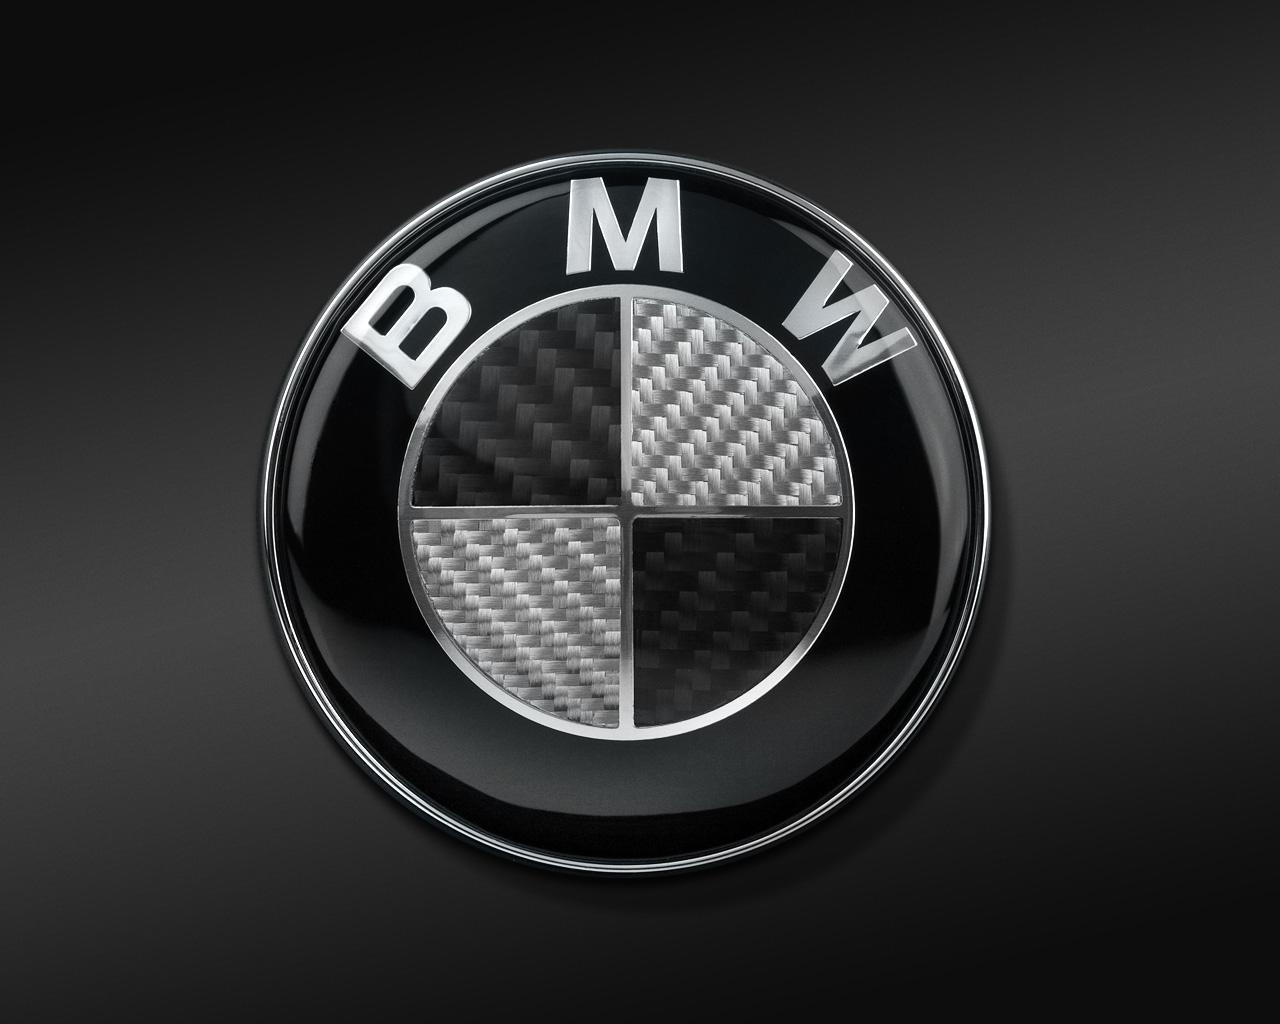 bmw carbon fiber emblem by greyghostxxx on deviantart. Black Bedroom Furniture Sets. Home Design Ideas